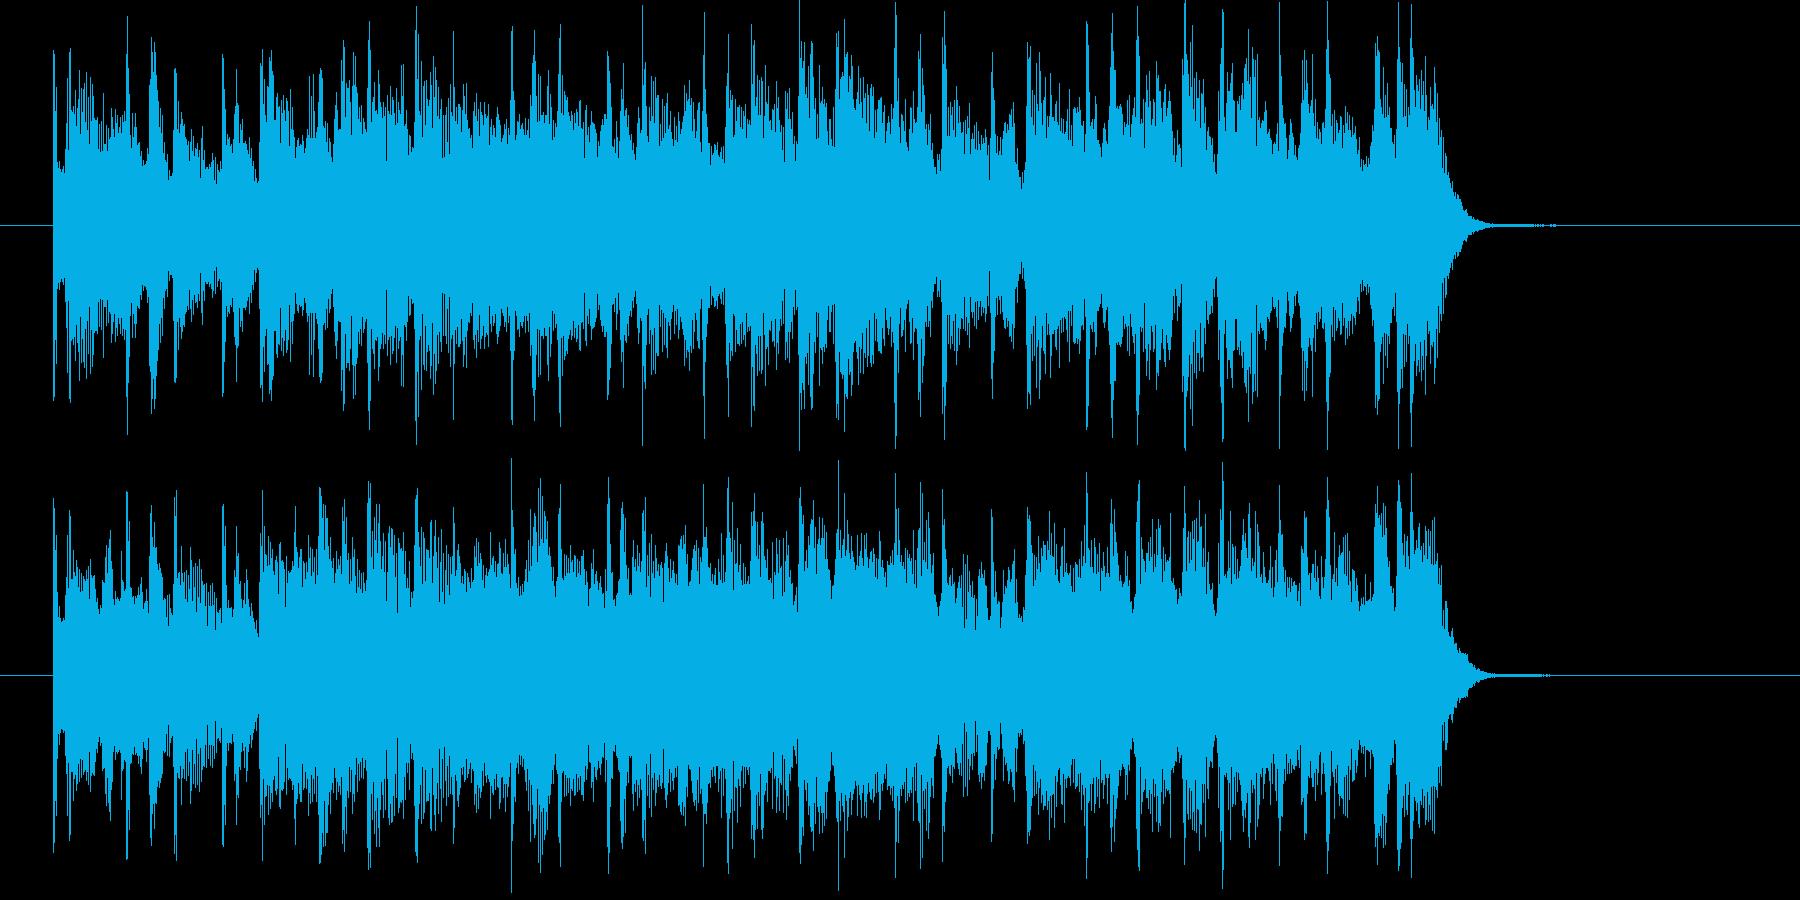 爽快で勢いのあるシンセサイザーサウンドの再生済みの波形